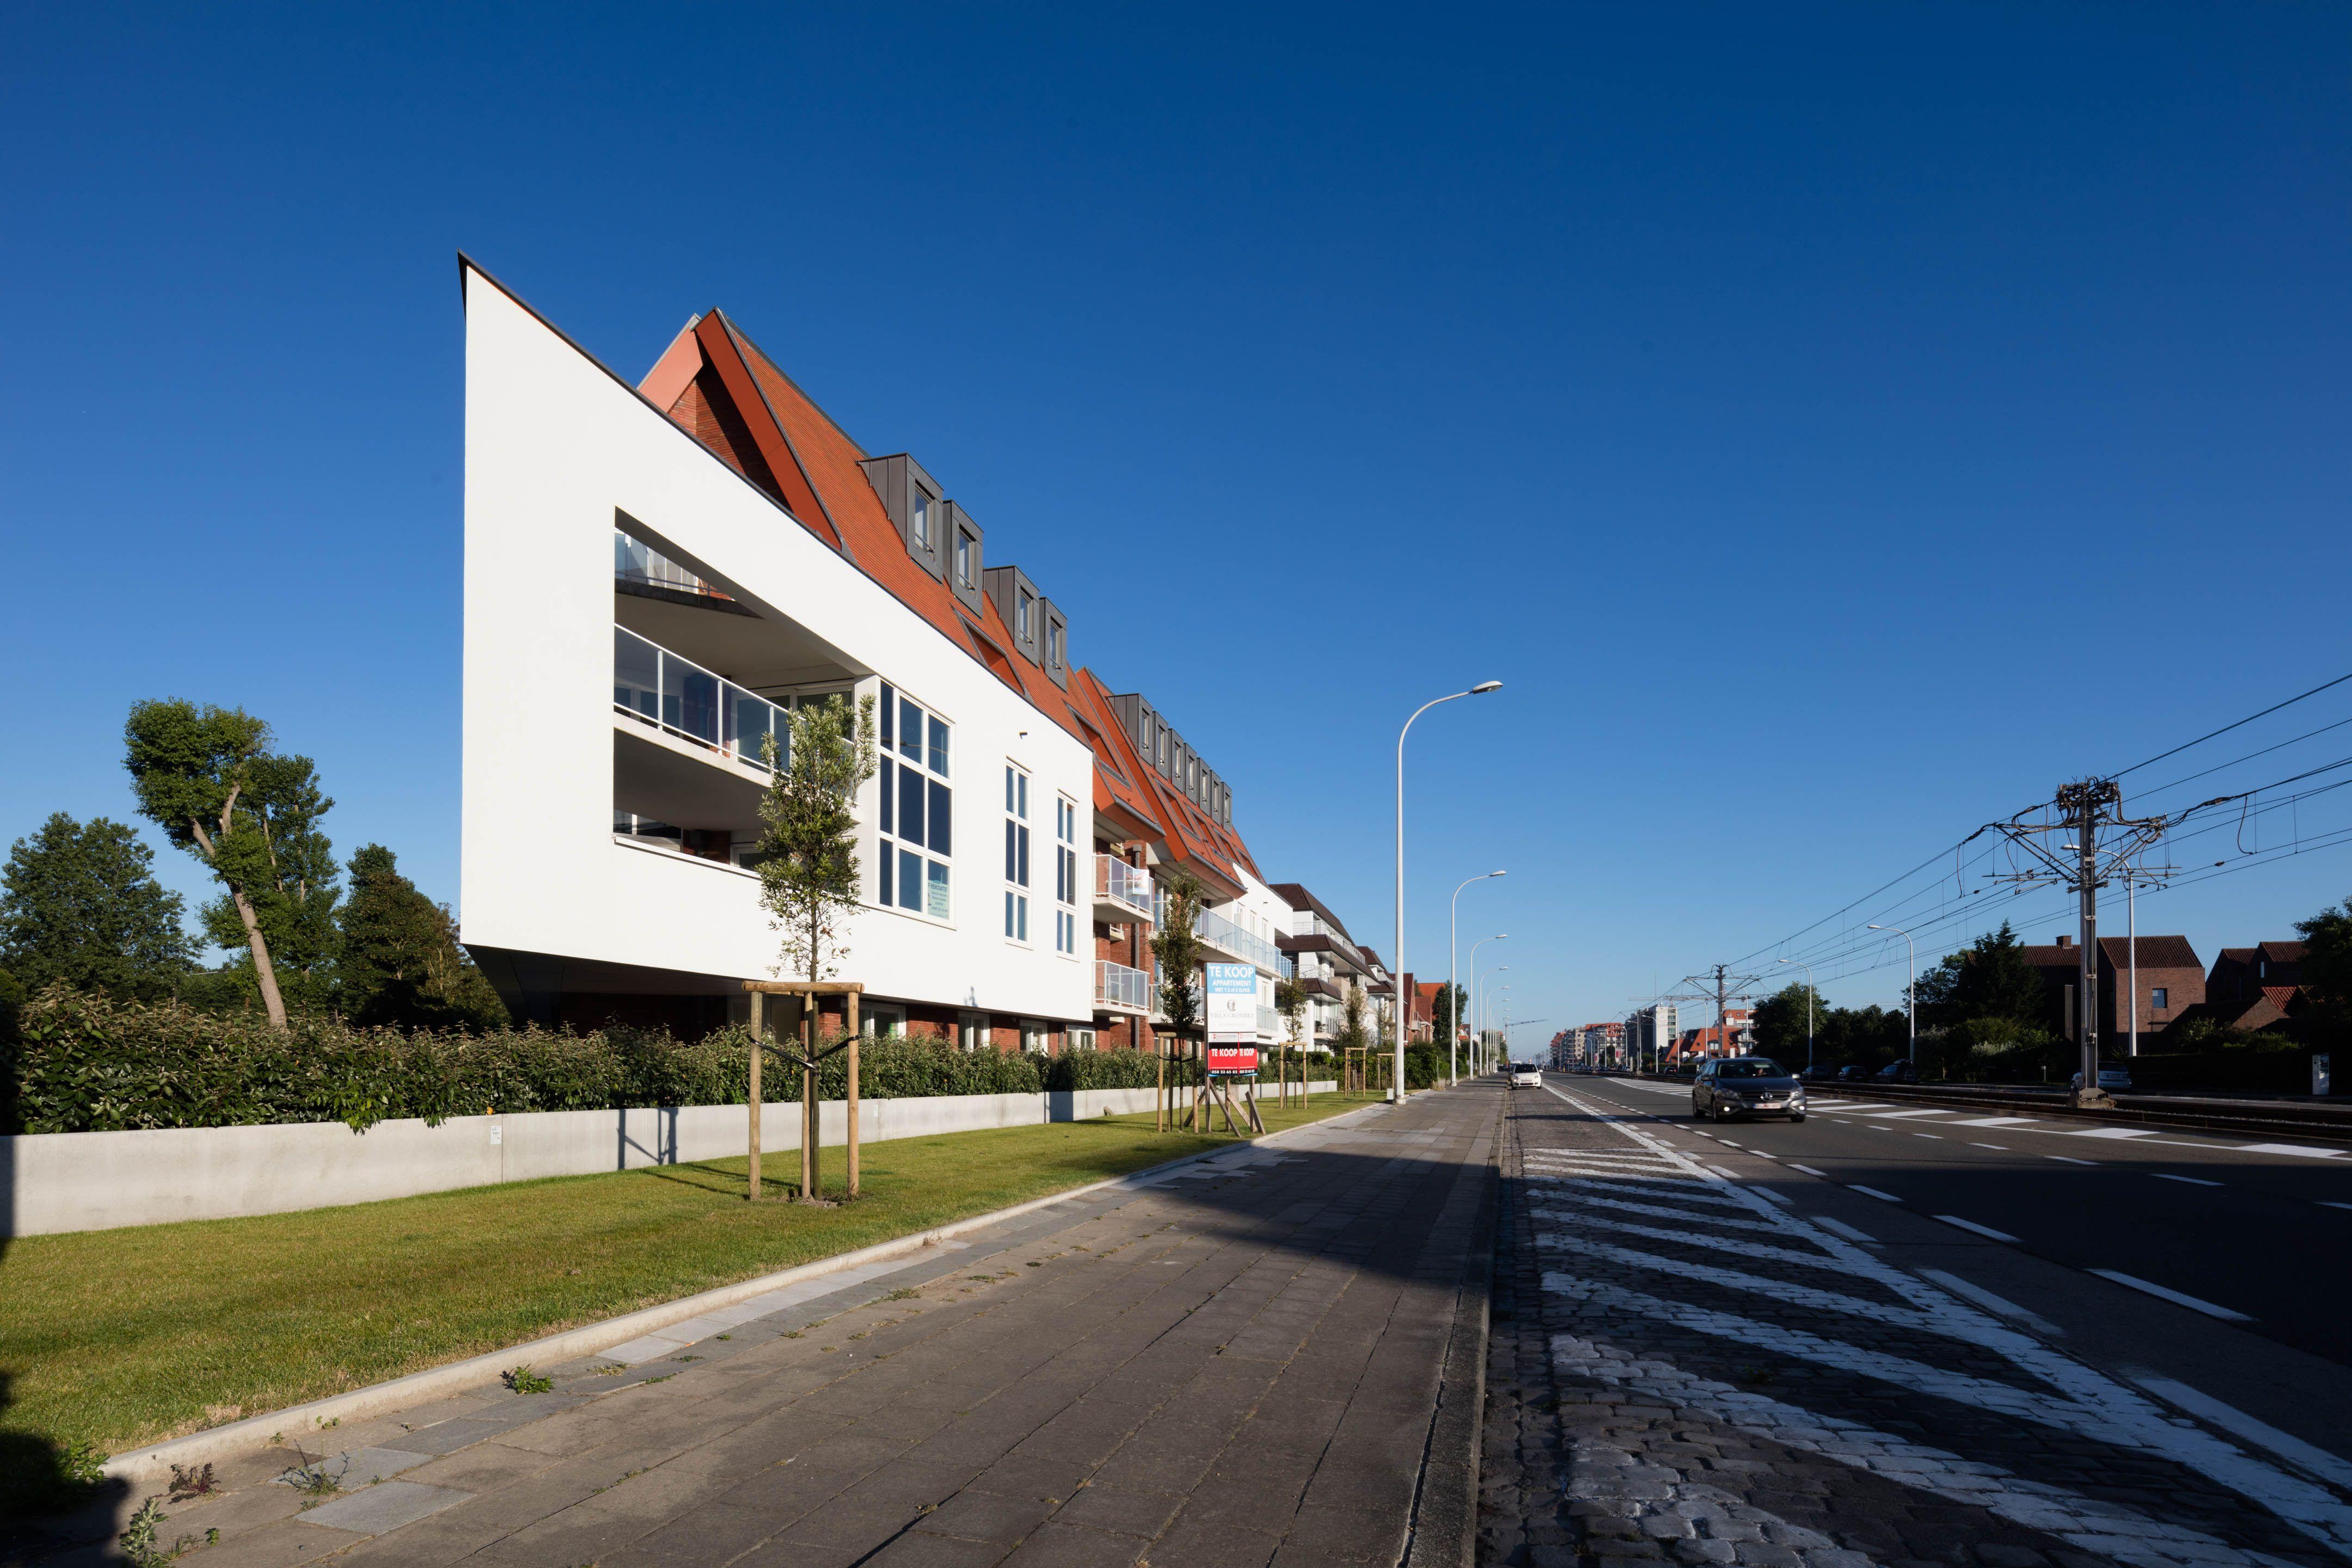 Appartement Residentie Villa Crombez Nieuwpoort - 9256